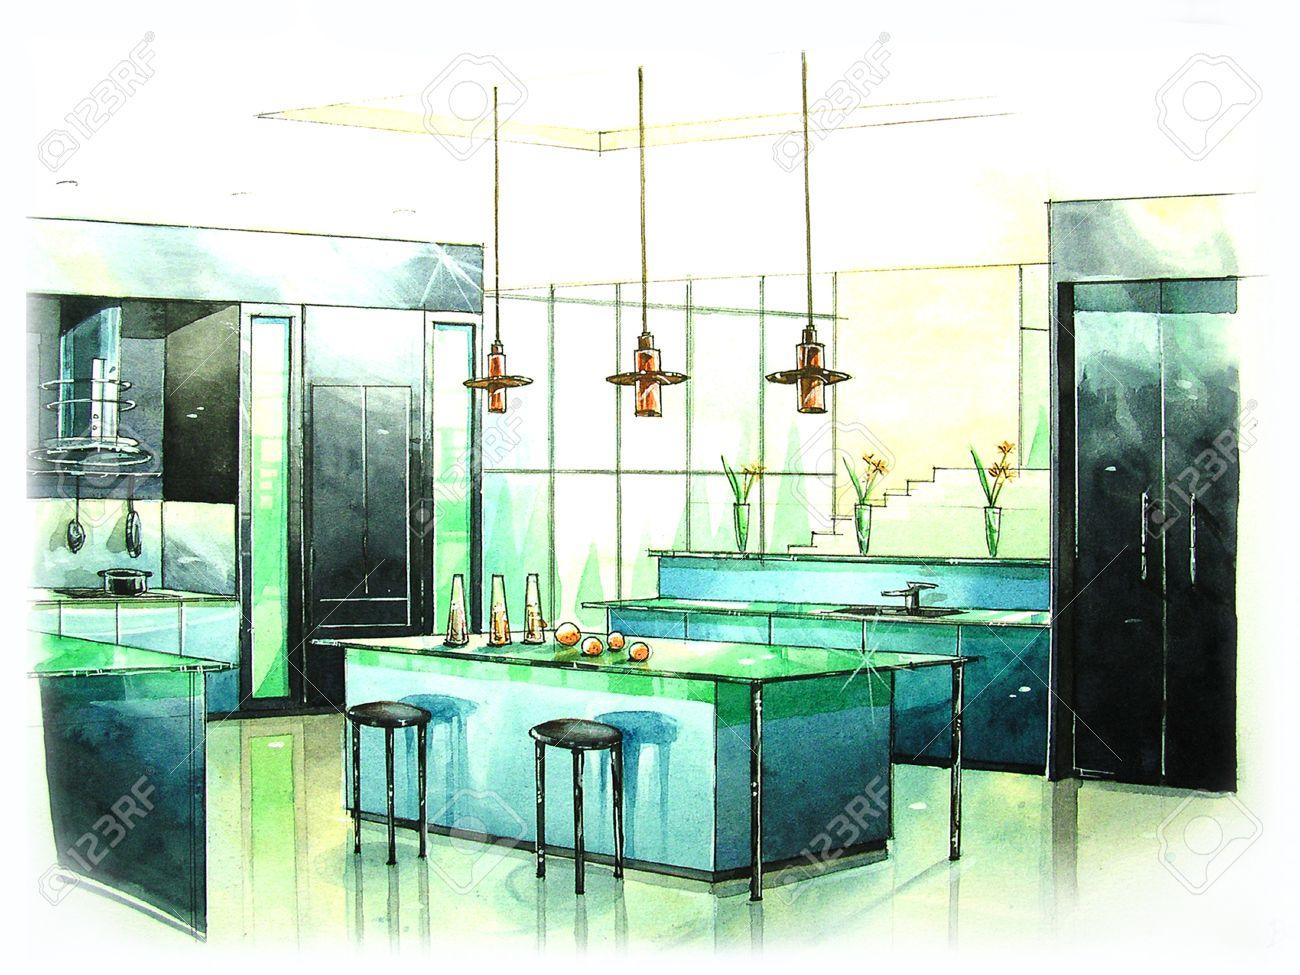 Cucina Moderna Arte Dalla Pittura Di Colore Di Acqua Foto Royalty ...